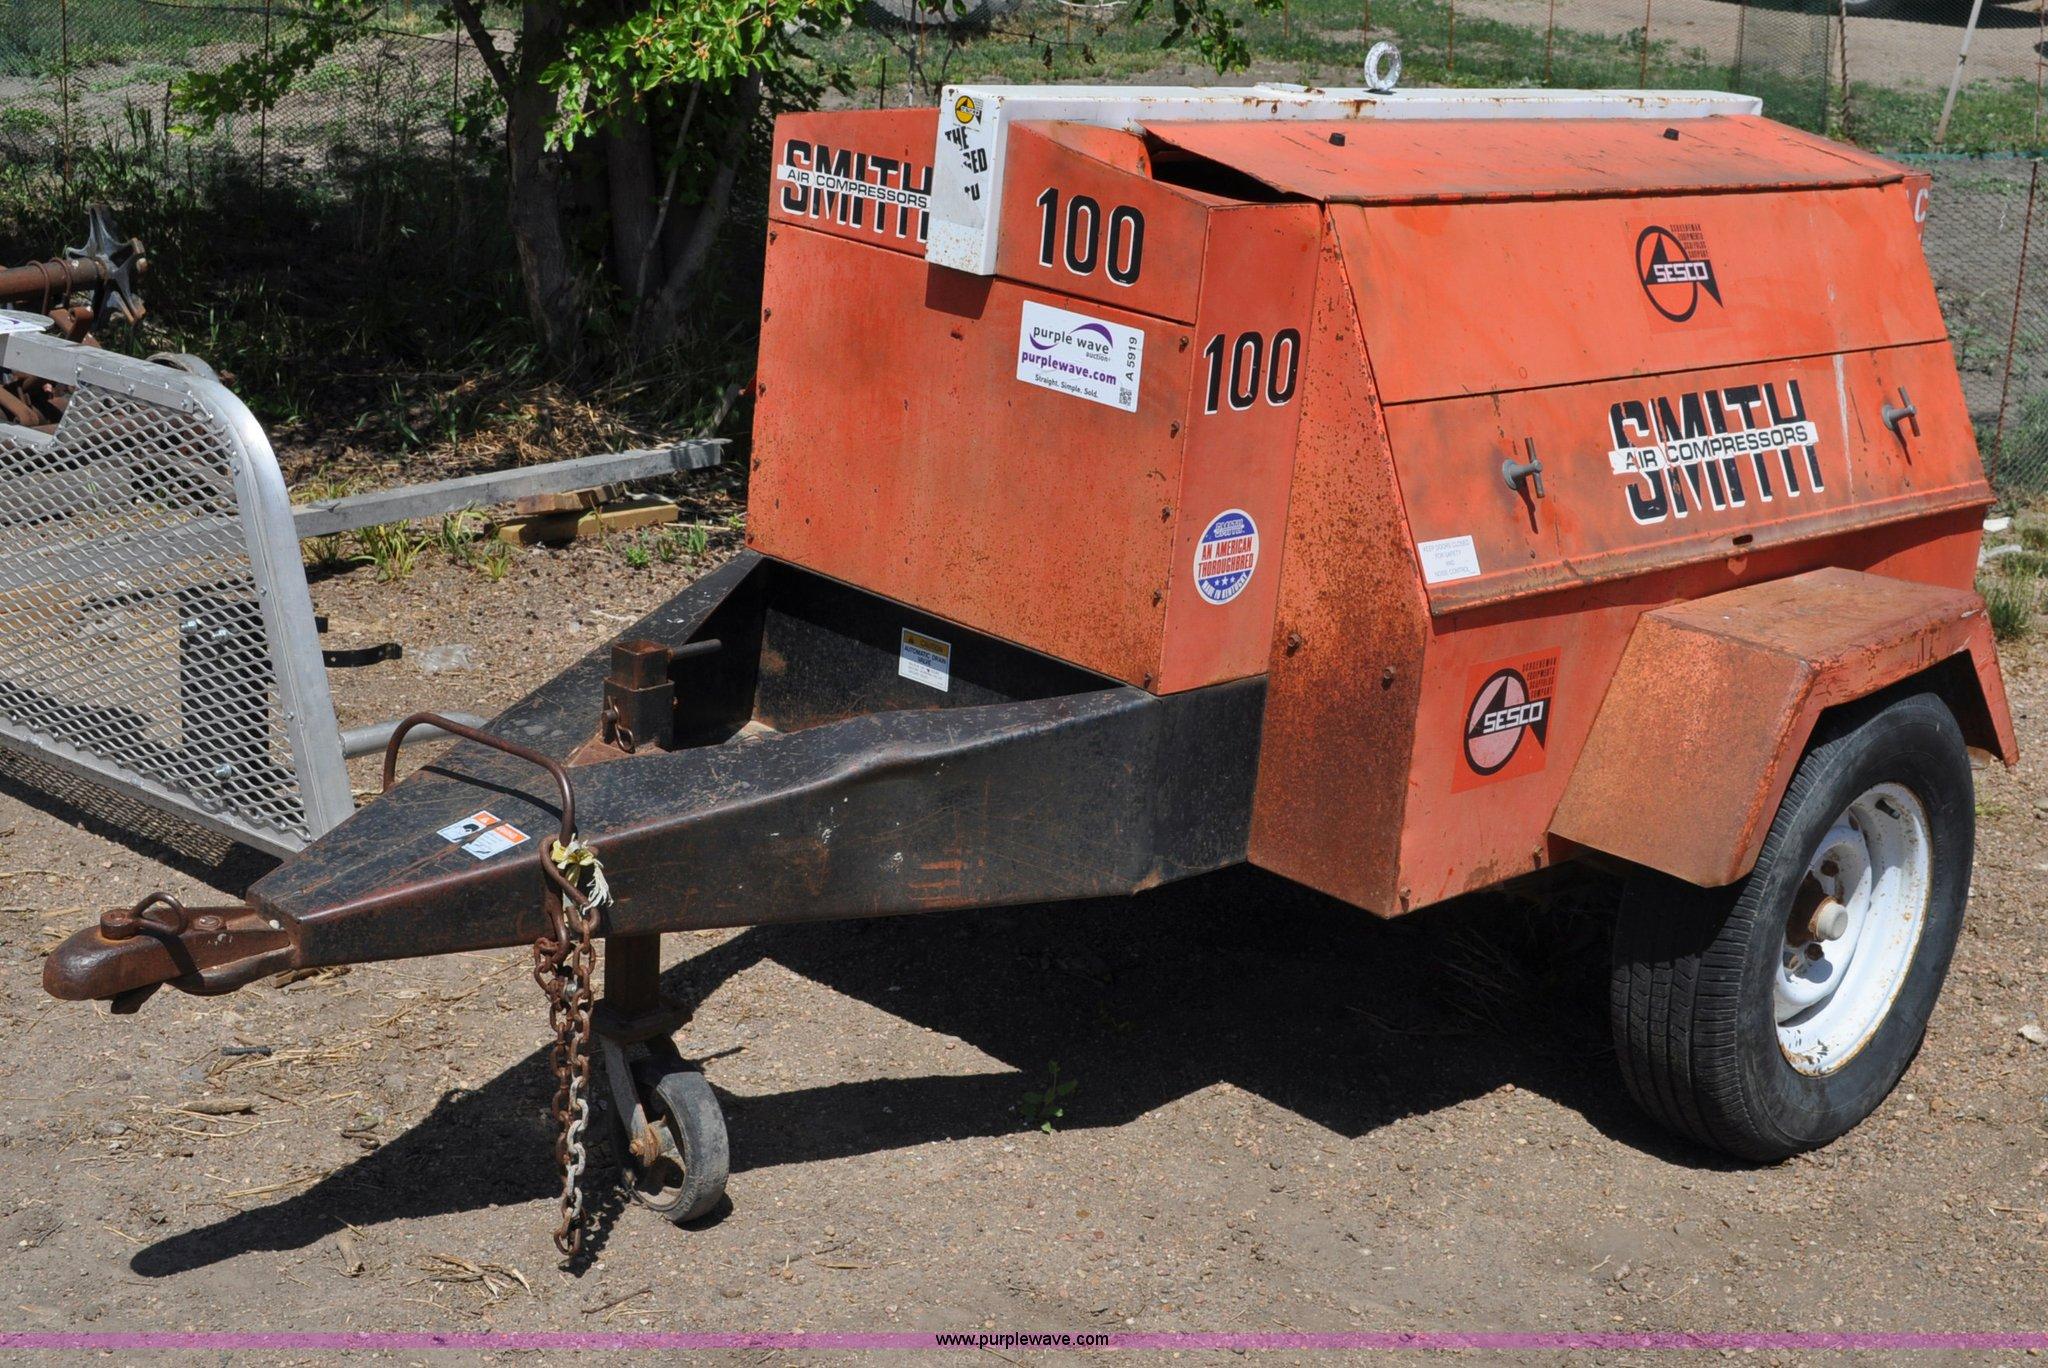 smith 100 air compressor item a5919 sold june 28 constr rh purplewave com smith 100 air compressor parts smith air compressor parts